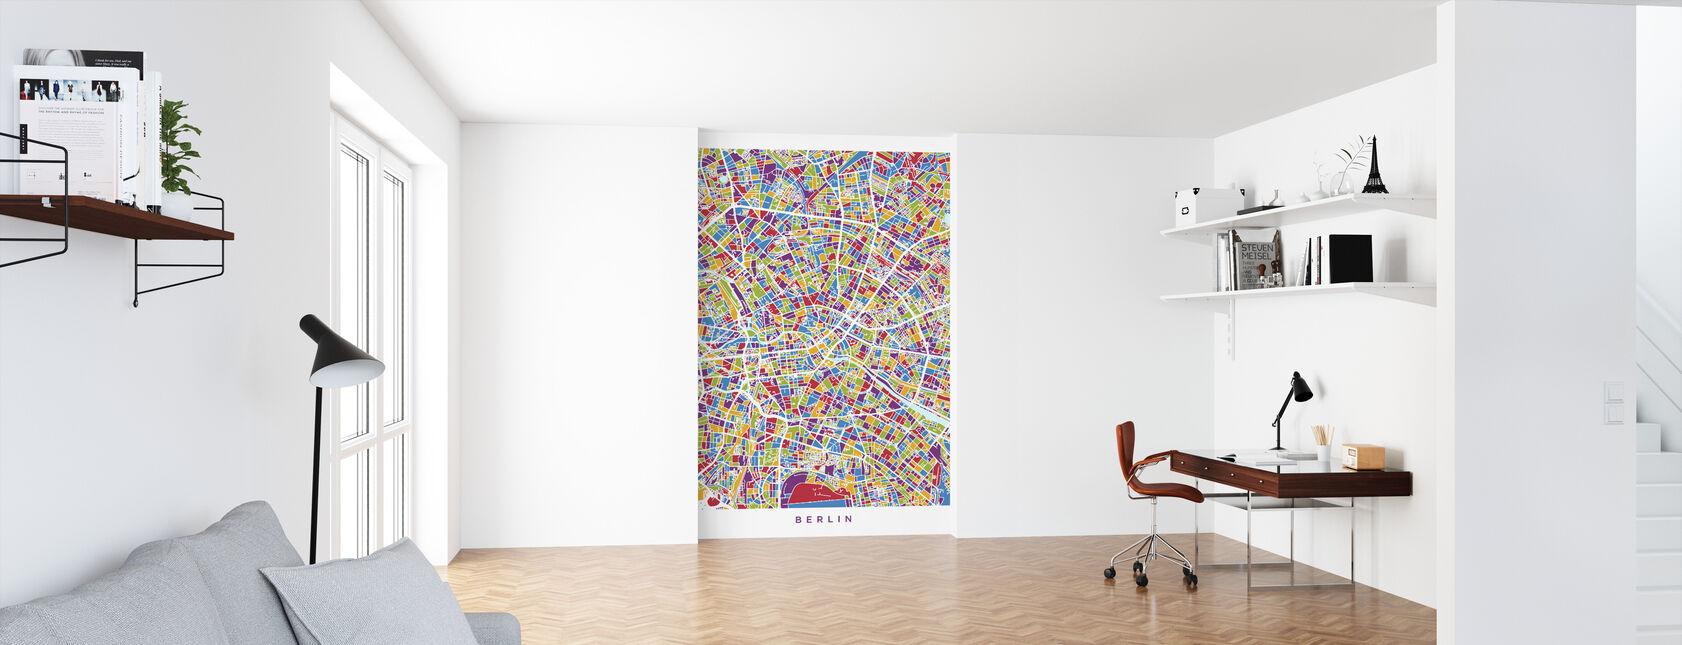 Berlin Germany City Map - Wallpaper - Office